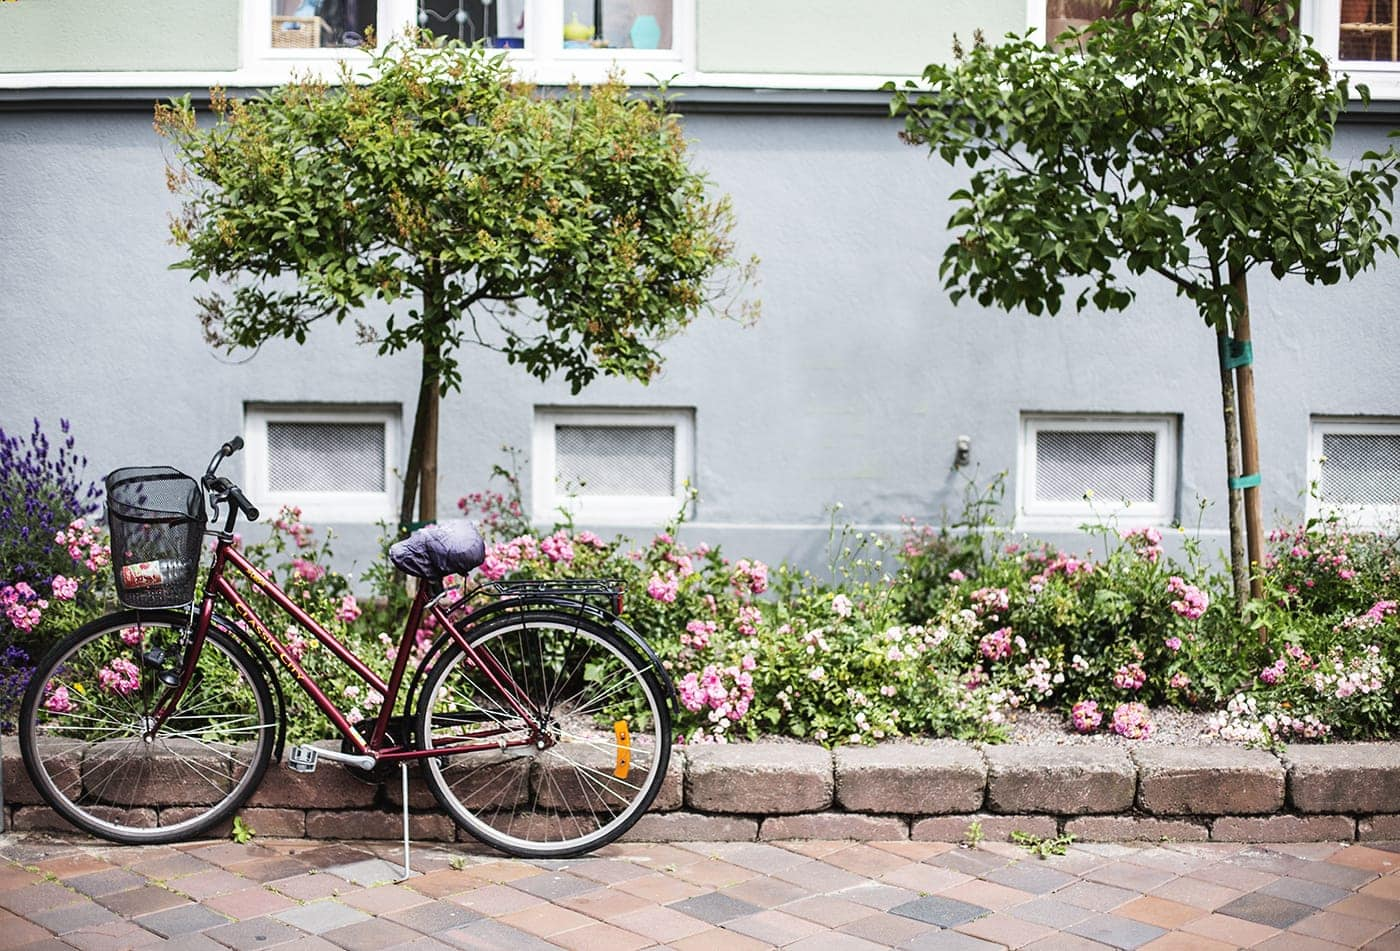 copenhagen-wanderlust-bicycles-and-flowers